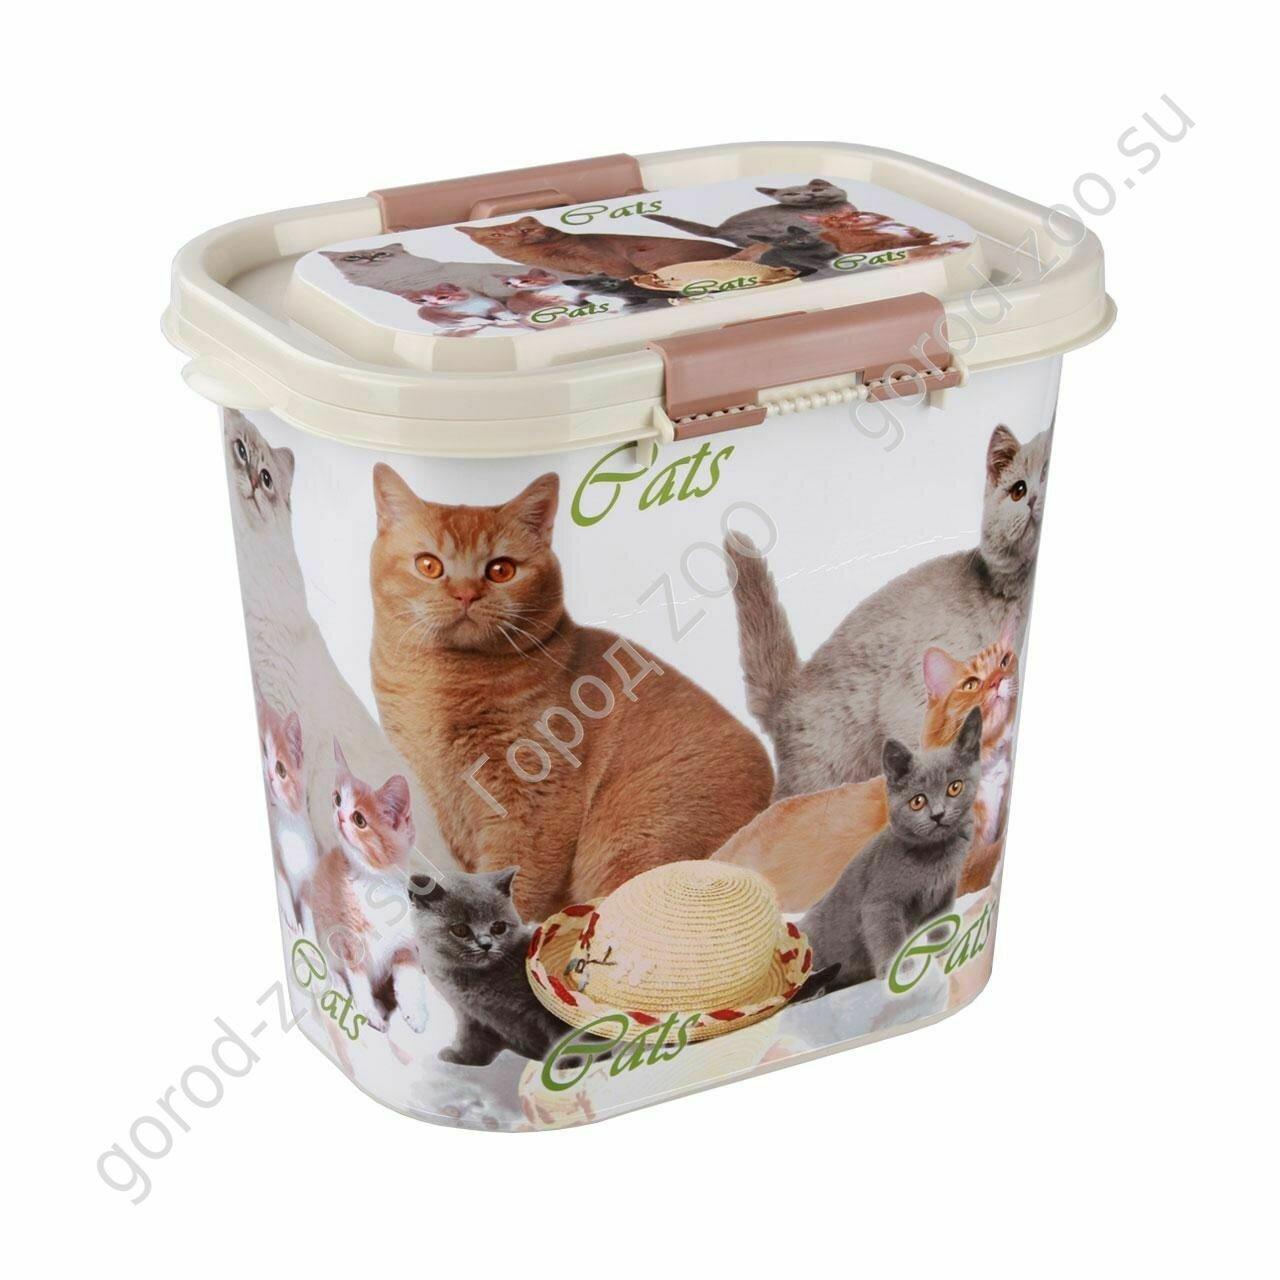 """Контейнер """"Cats"""" для корма 10л (овальный)"""